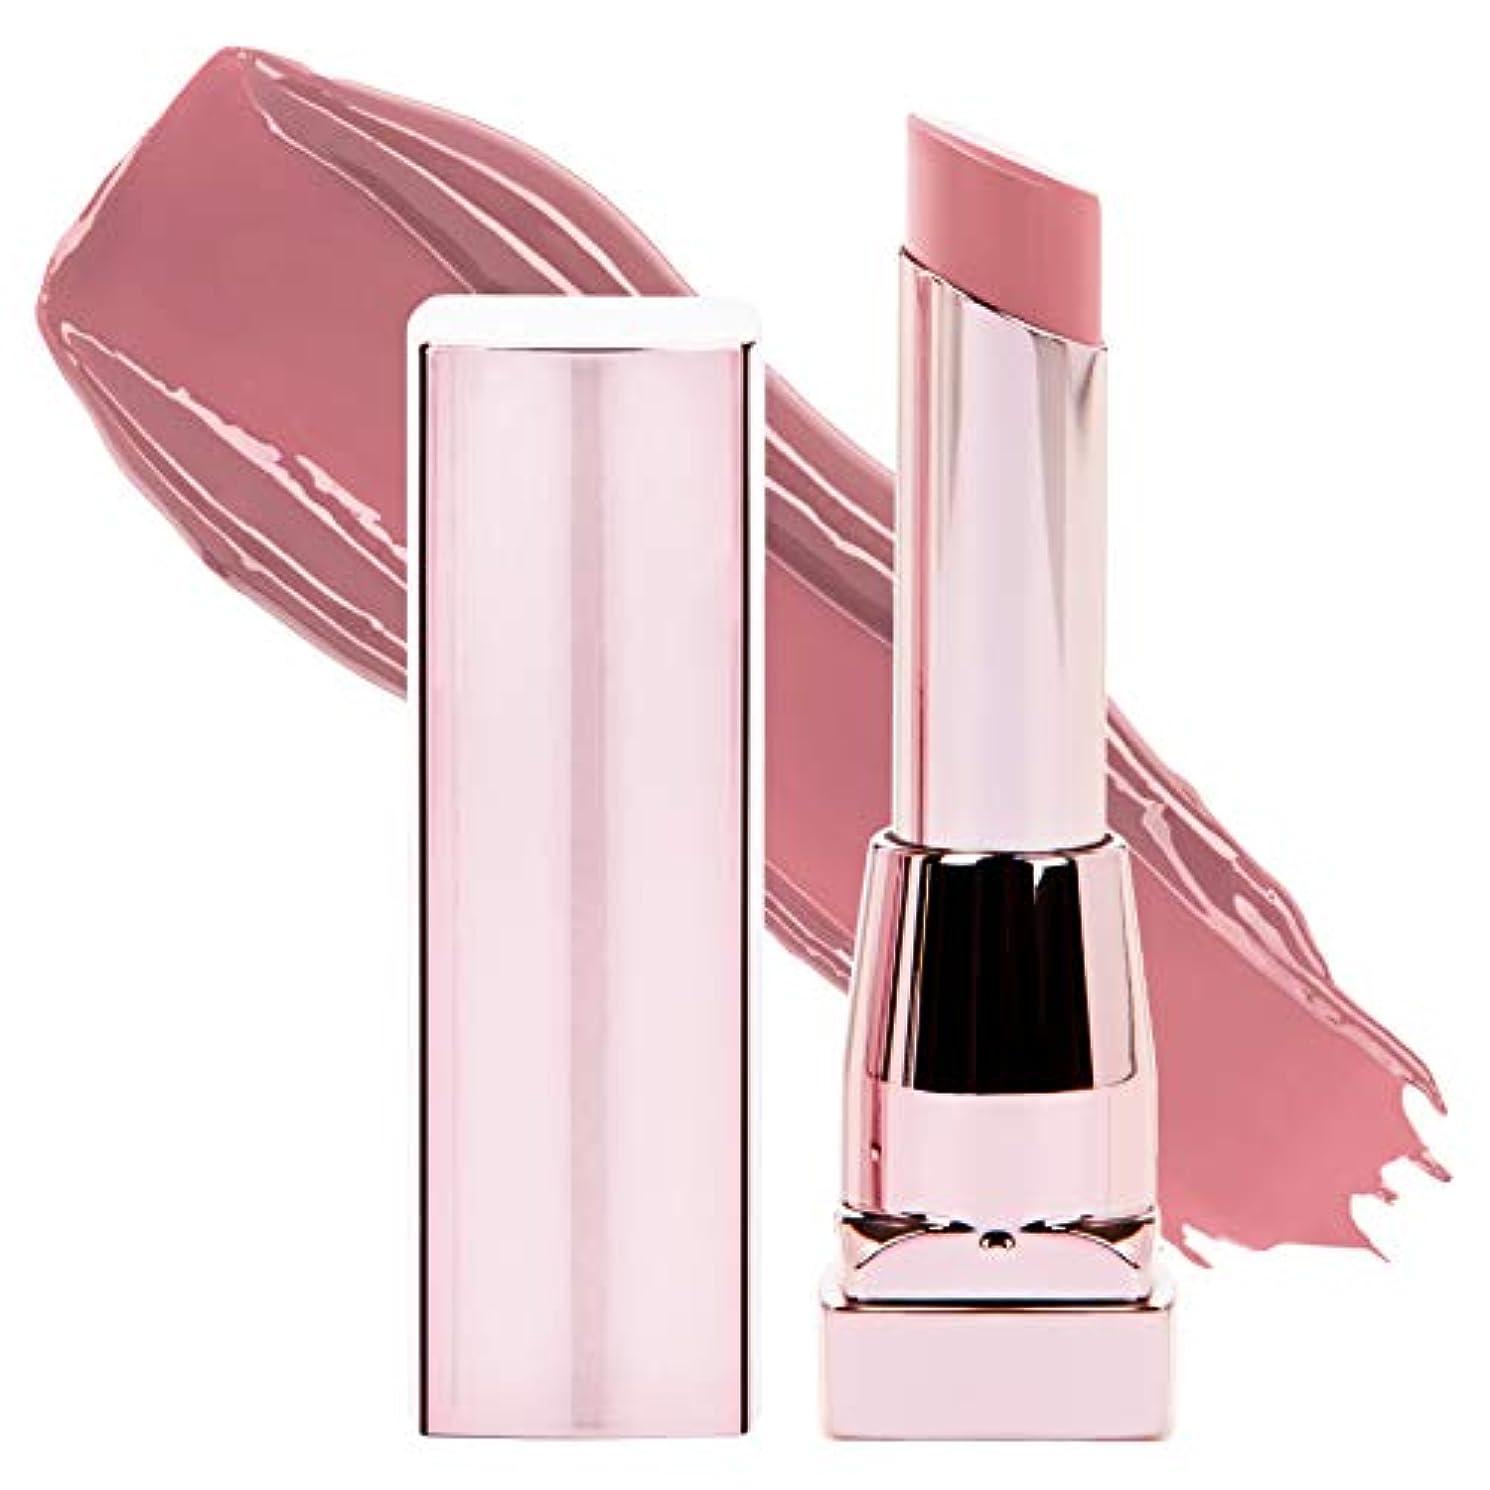 審判説明的正気MAYBELLINE Color Sensational Shine Compulsion Lipstick - Undressed Pink 075 (並行輸入品)